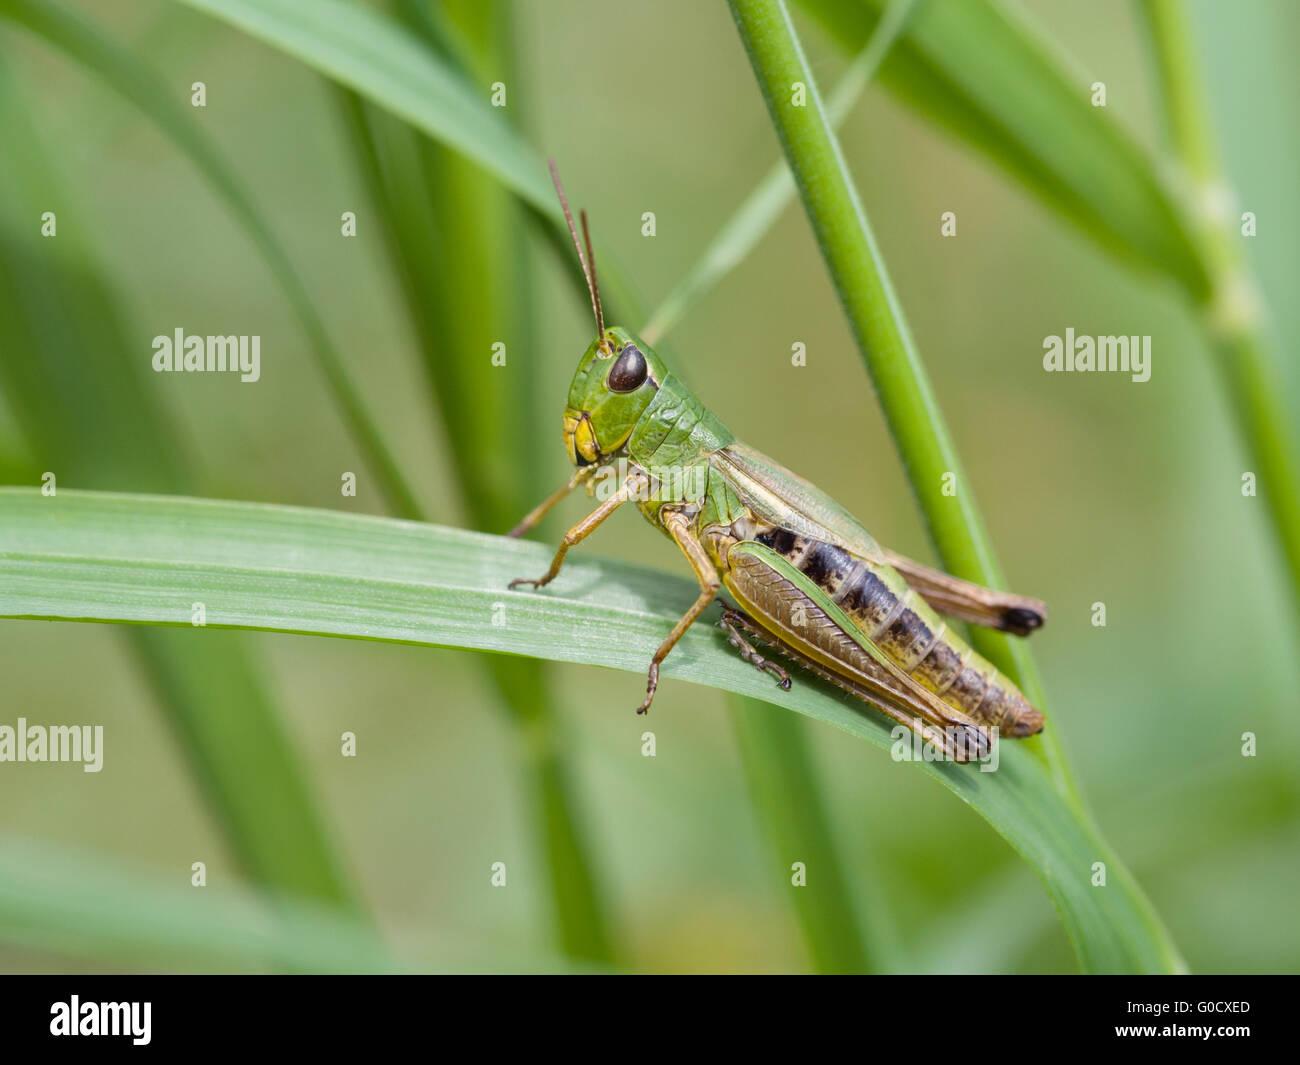 Meadow Grasshopper (Chorthippus parallelus) - Stock Image